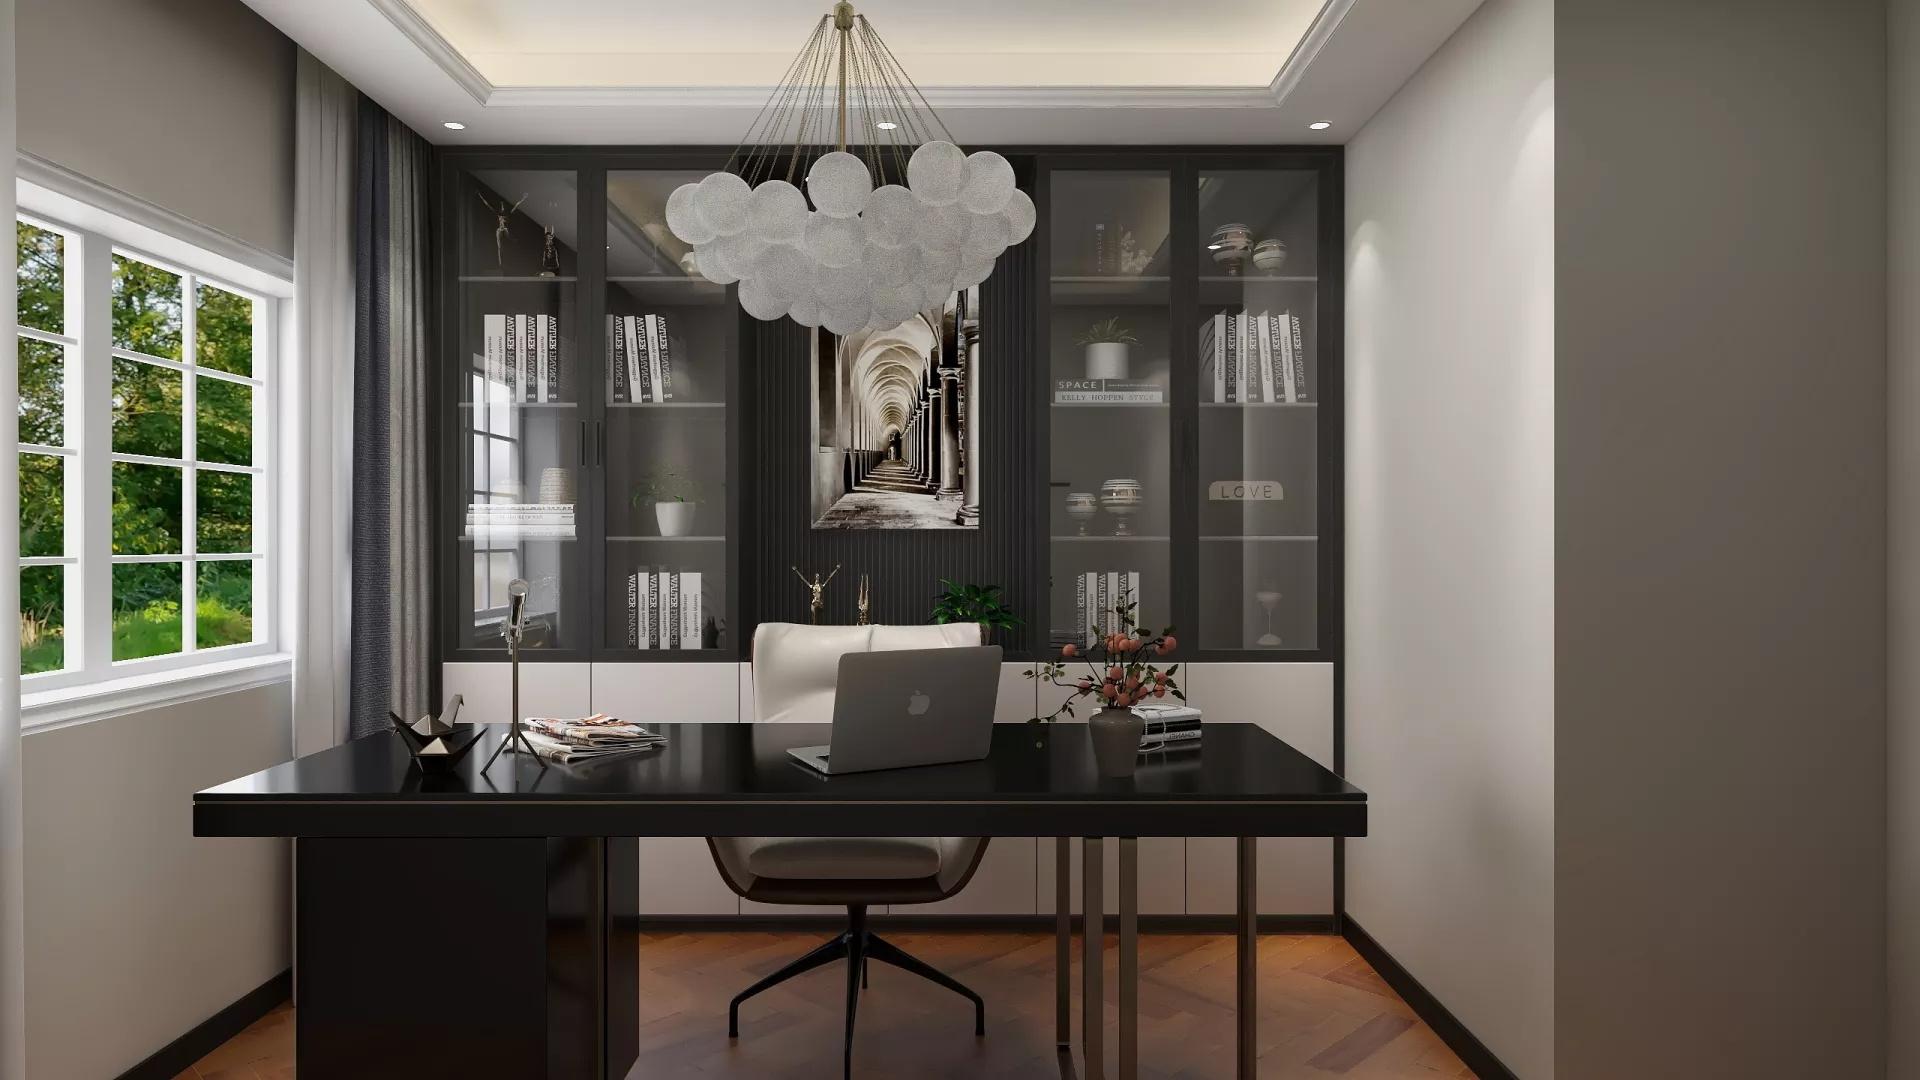 浴室怎么设计有质感?黑白浴室设计要点介绍